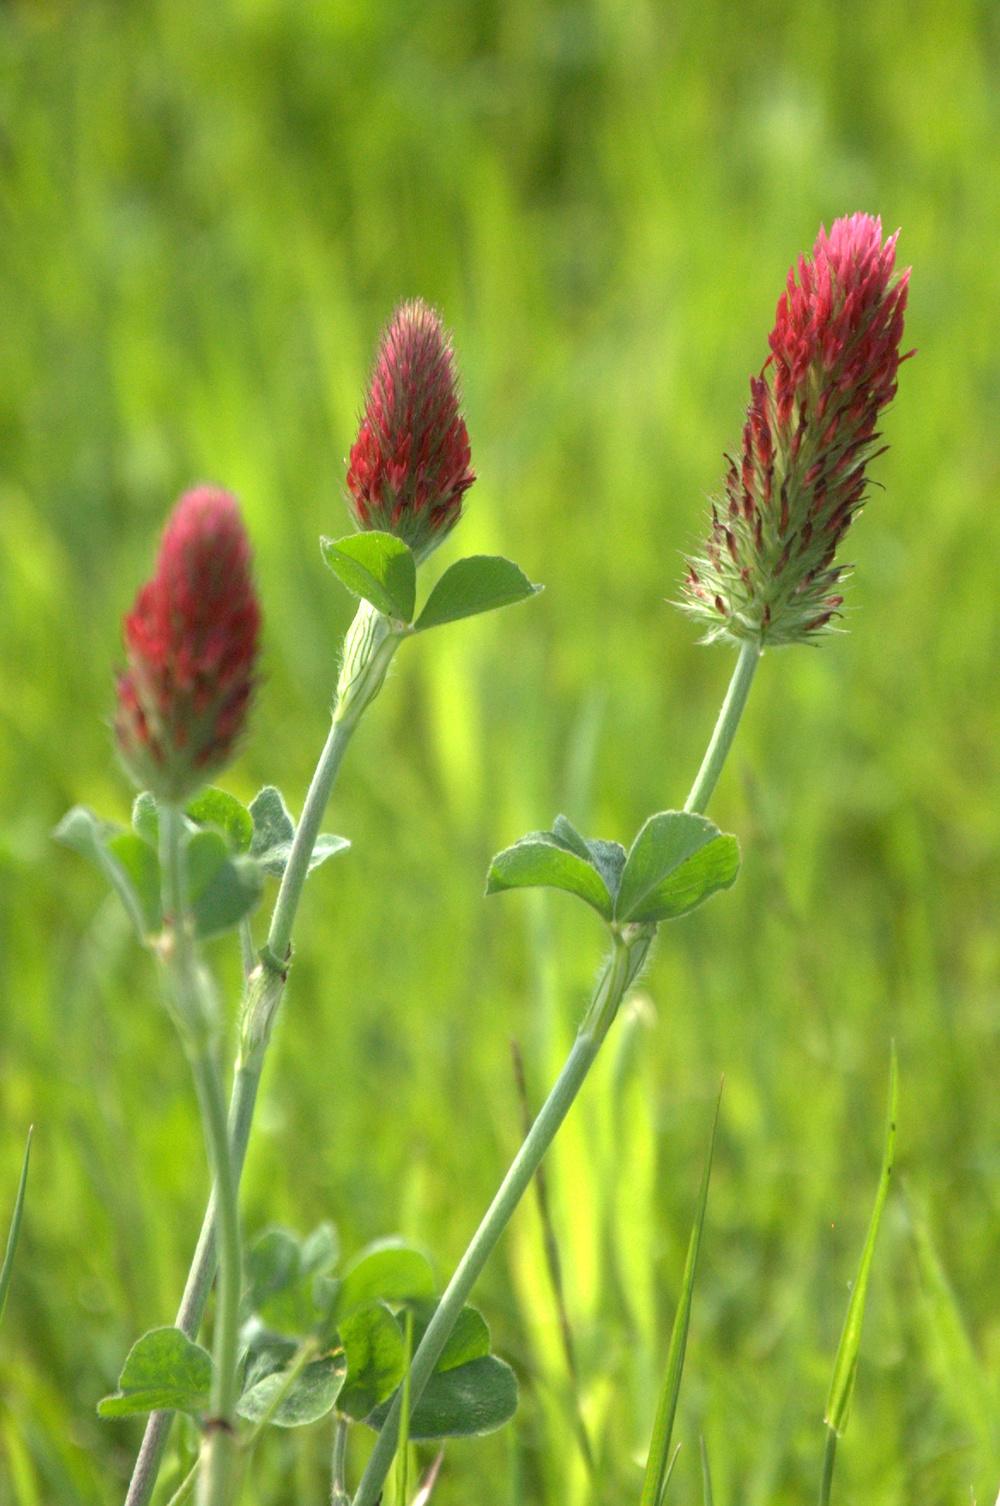 Trifolium incarnatum, Crimson Clover